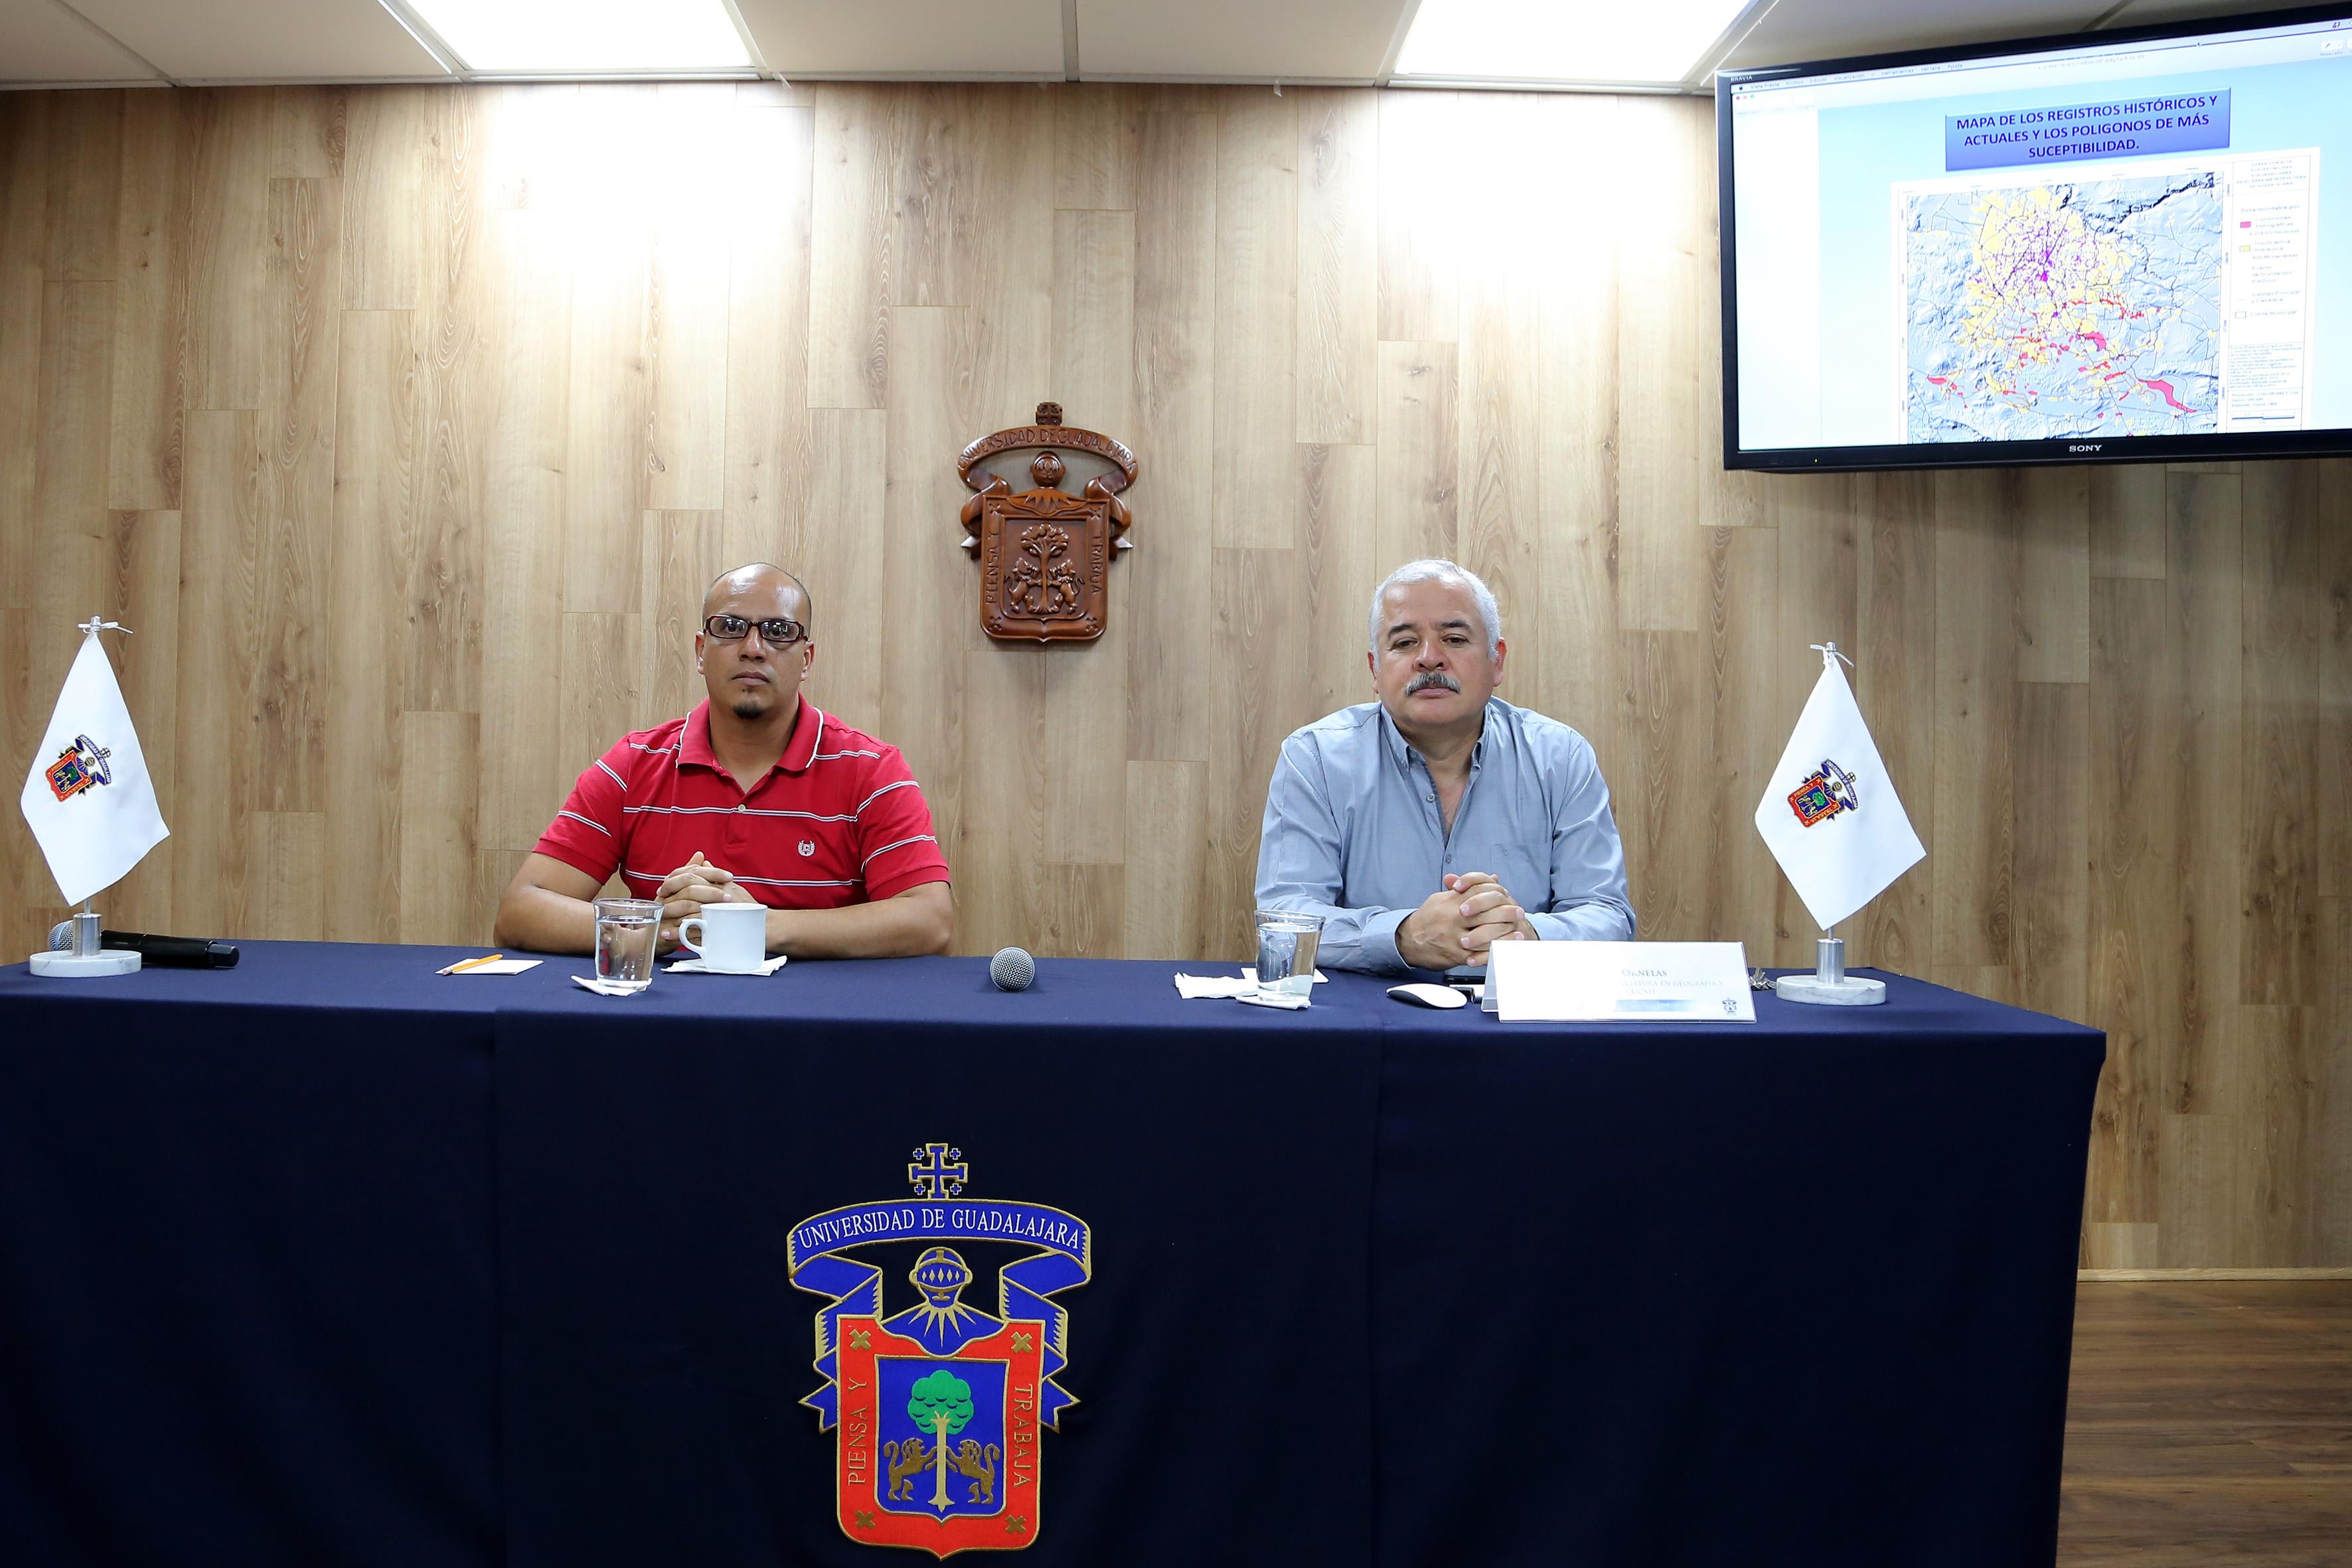 rueda de prensa para anunciar una propuesta de solución integral a las inundaciones de la zmg